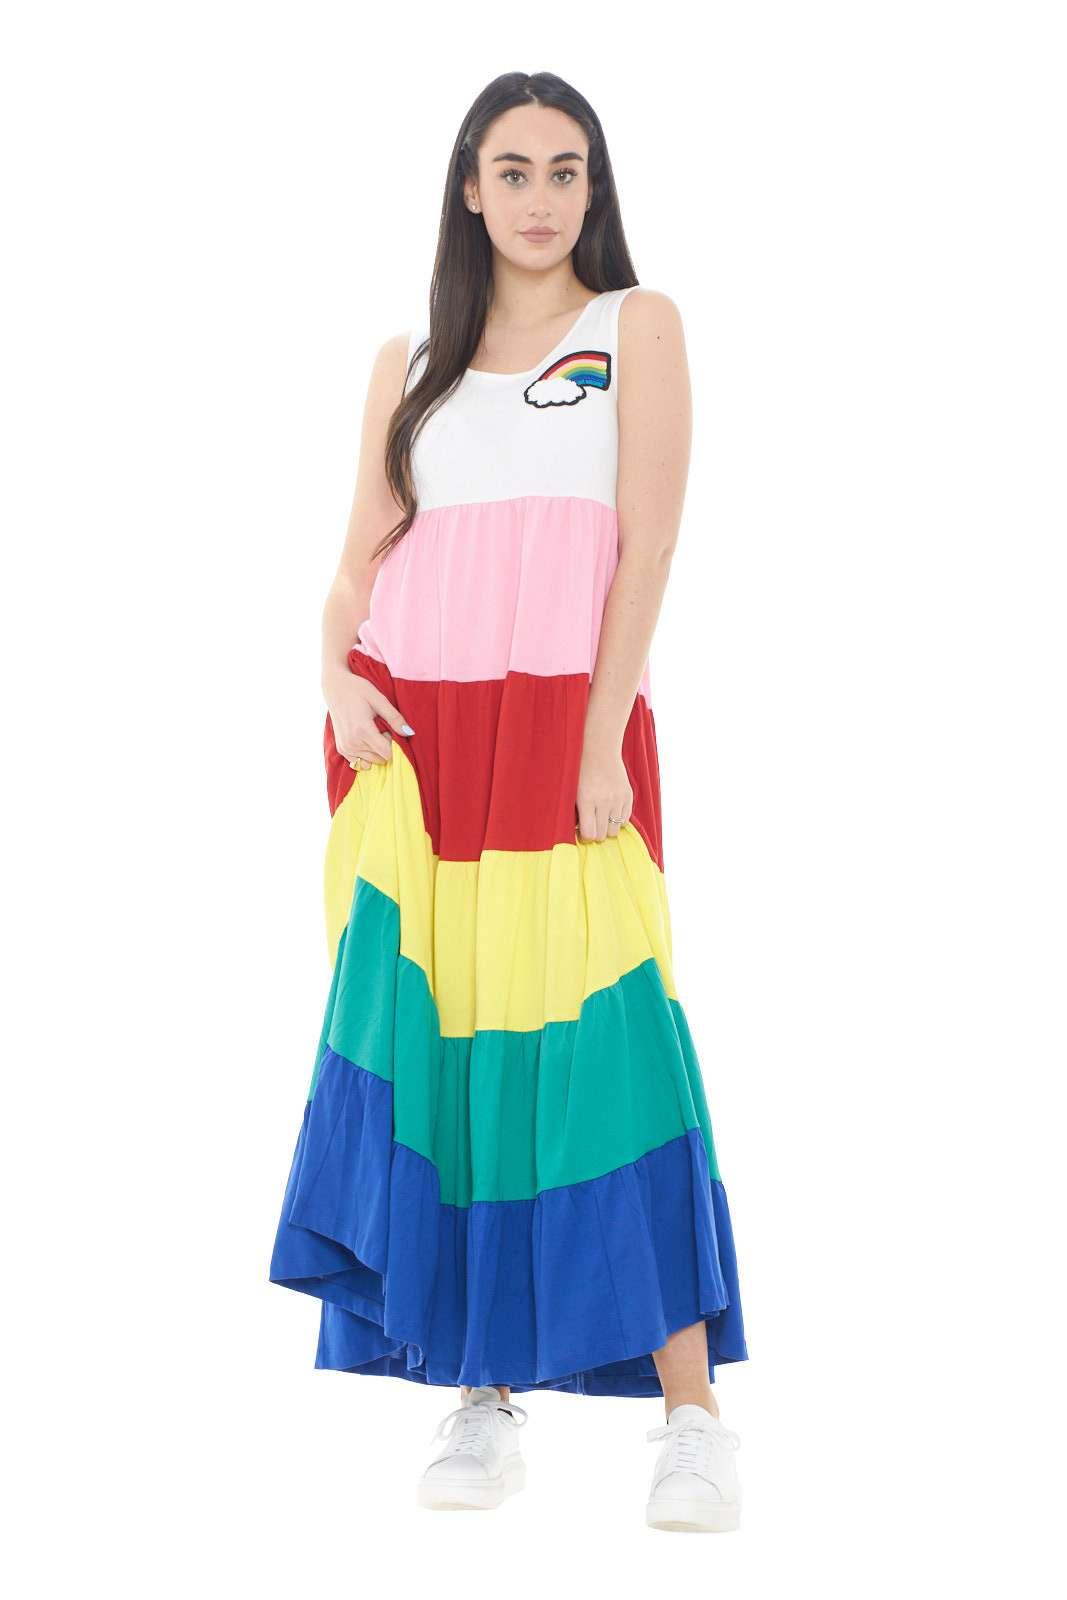 Sbarazzino e affascinante, il nuovo abito proposto dalla collezione donna Love Moschino si impone con la sua fantasia colorblock. Caratterizzato dal tessuto perfetto per il giorno, si impone con la sua gonna ampia e la lunghezza alla caviglia. Colorato e glamour è una soluzione per ogni outfit.